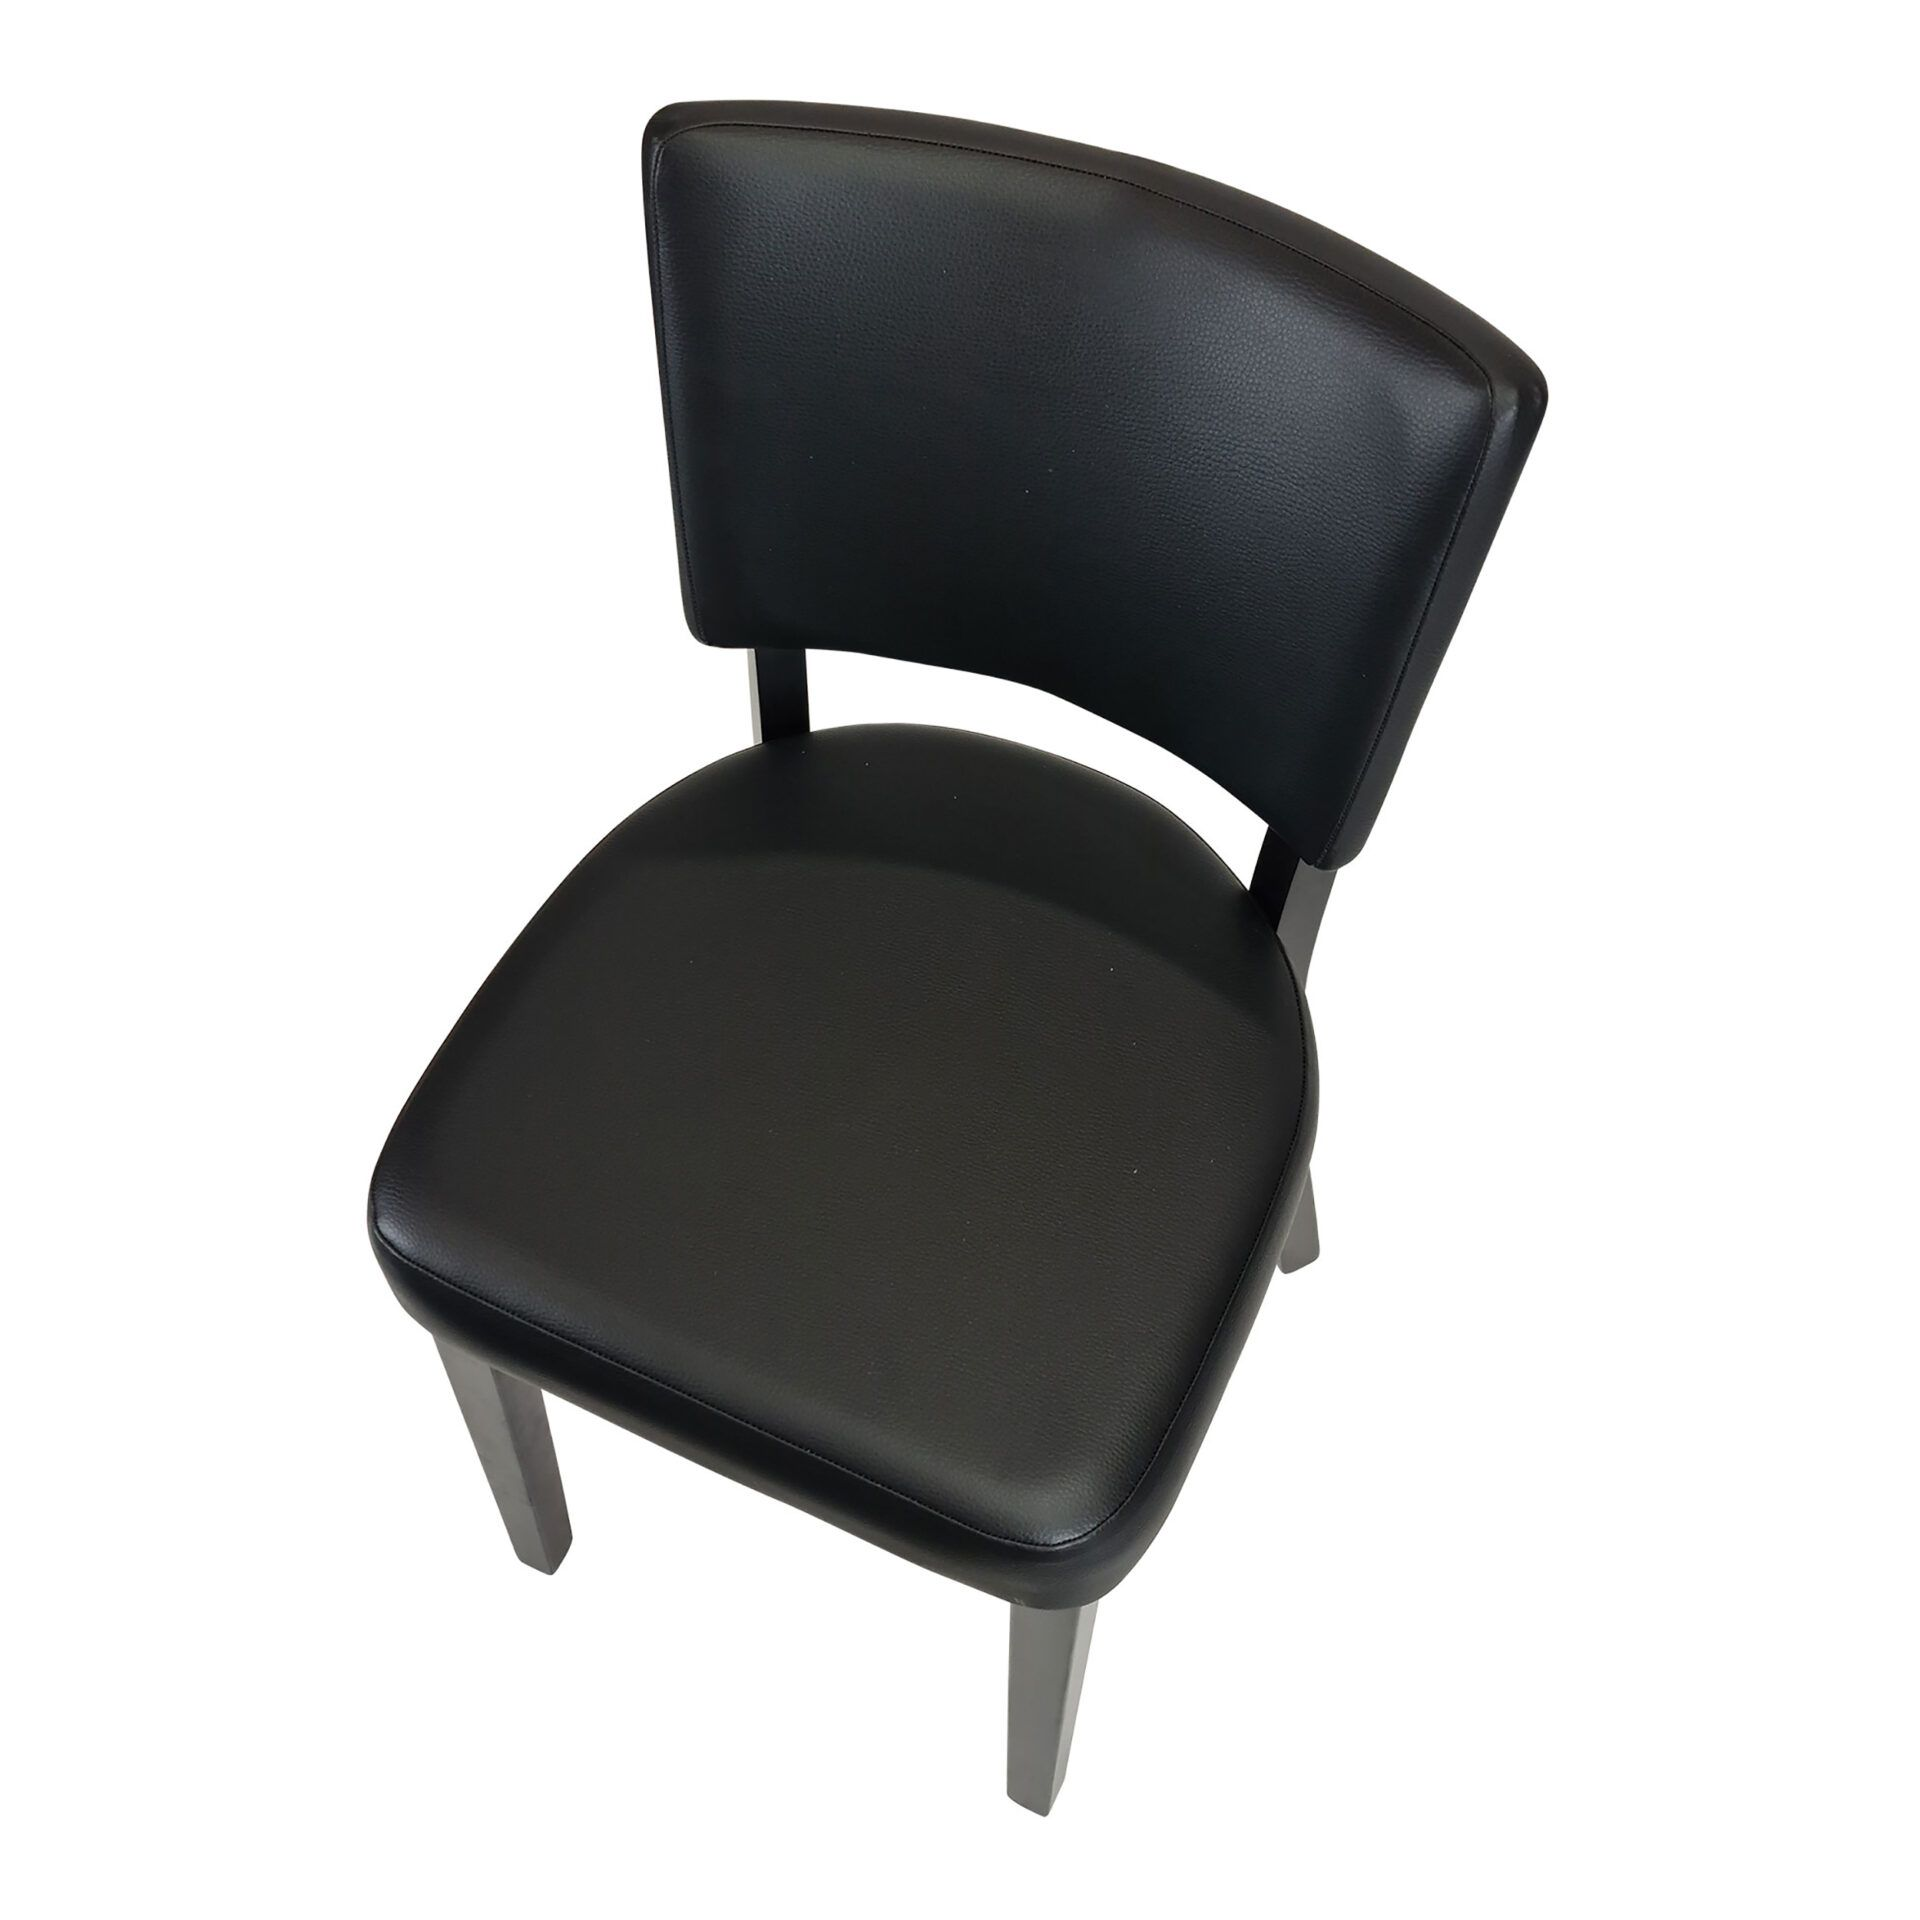 memphis chair wenge top angle